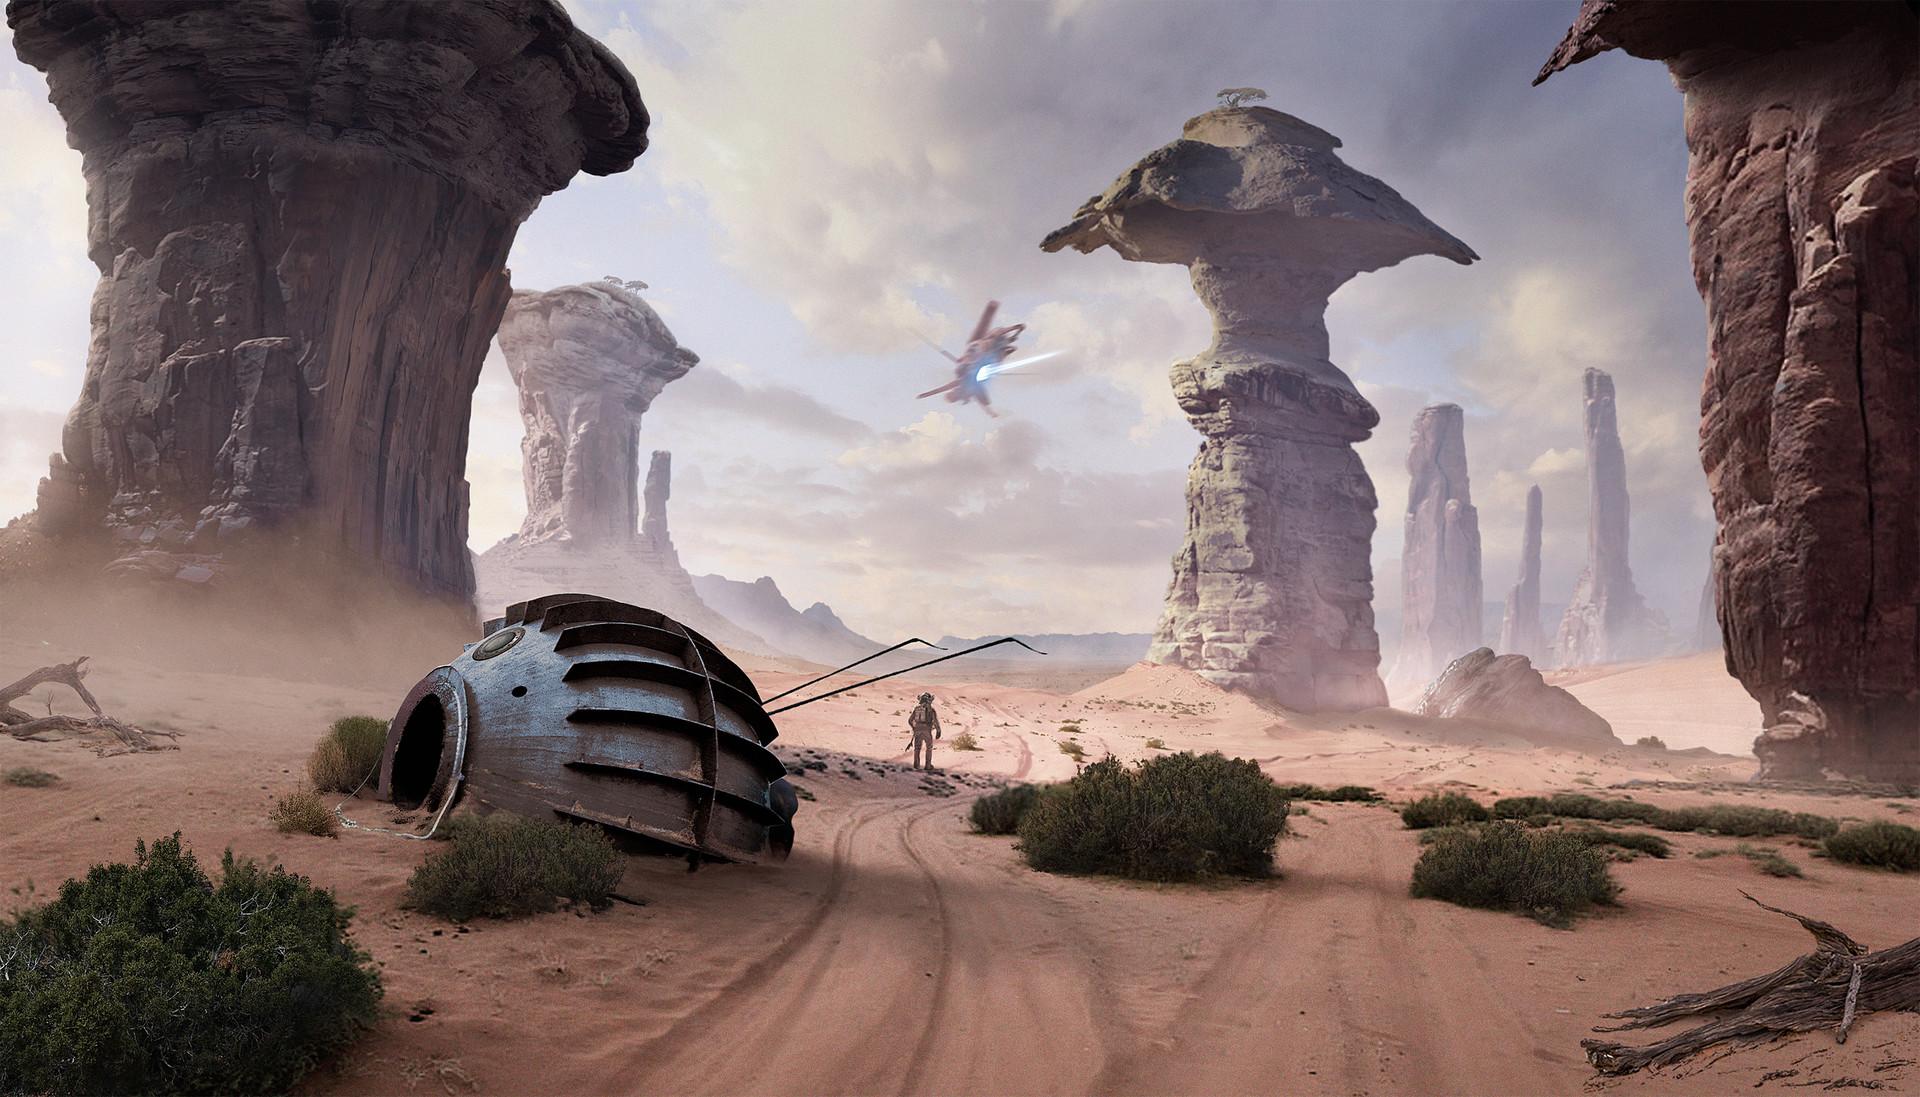 sergey-avtushenko-alien-planet.jpg?14482